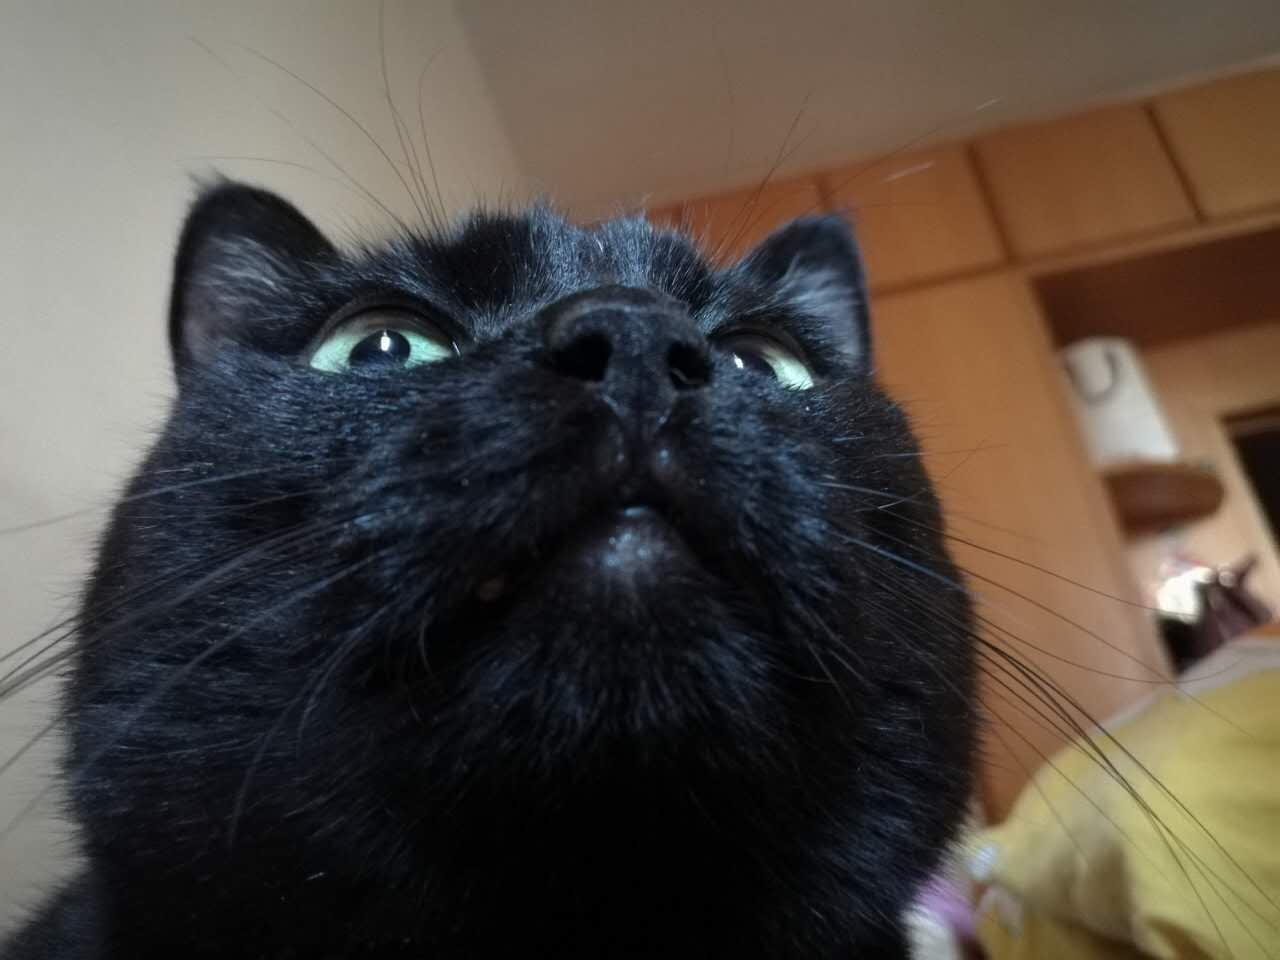 已经做过拔牙术的口腔炎患猫